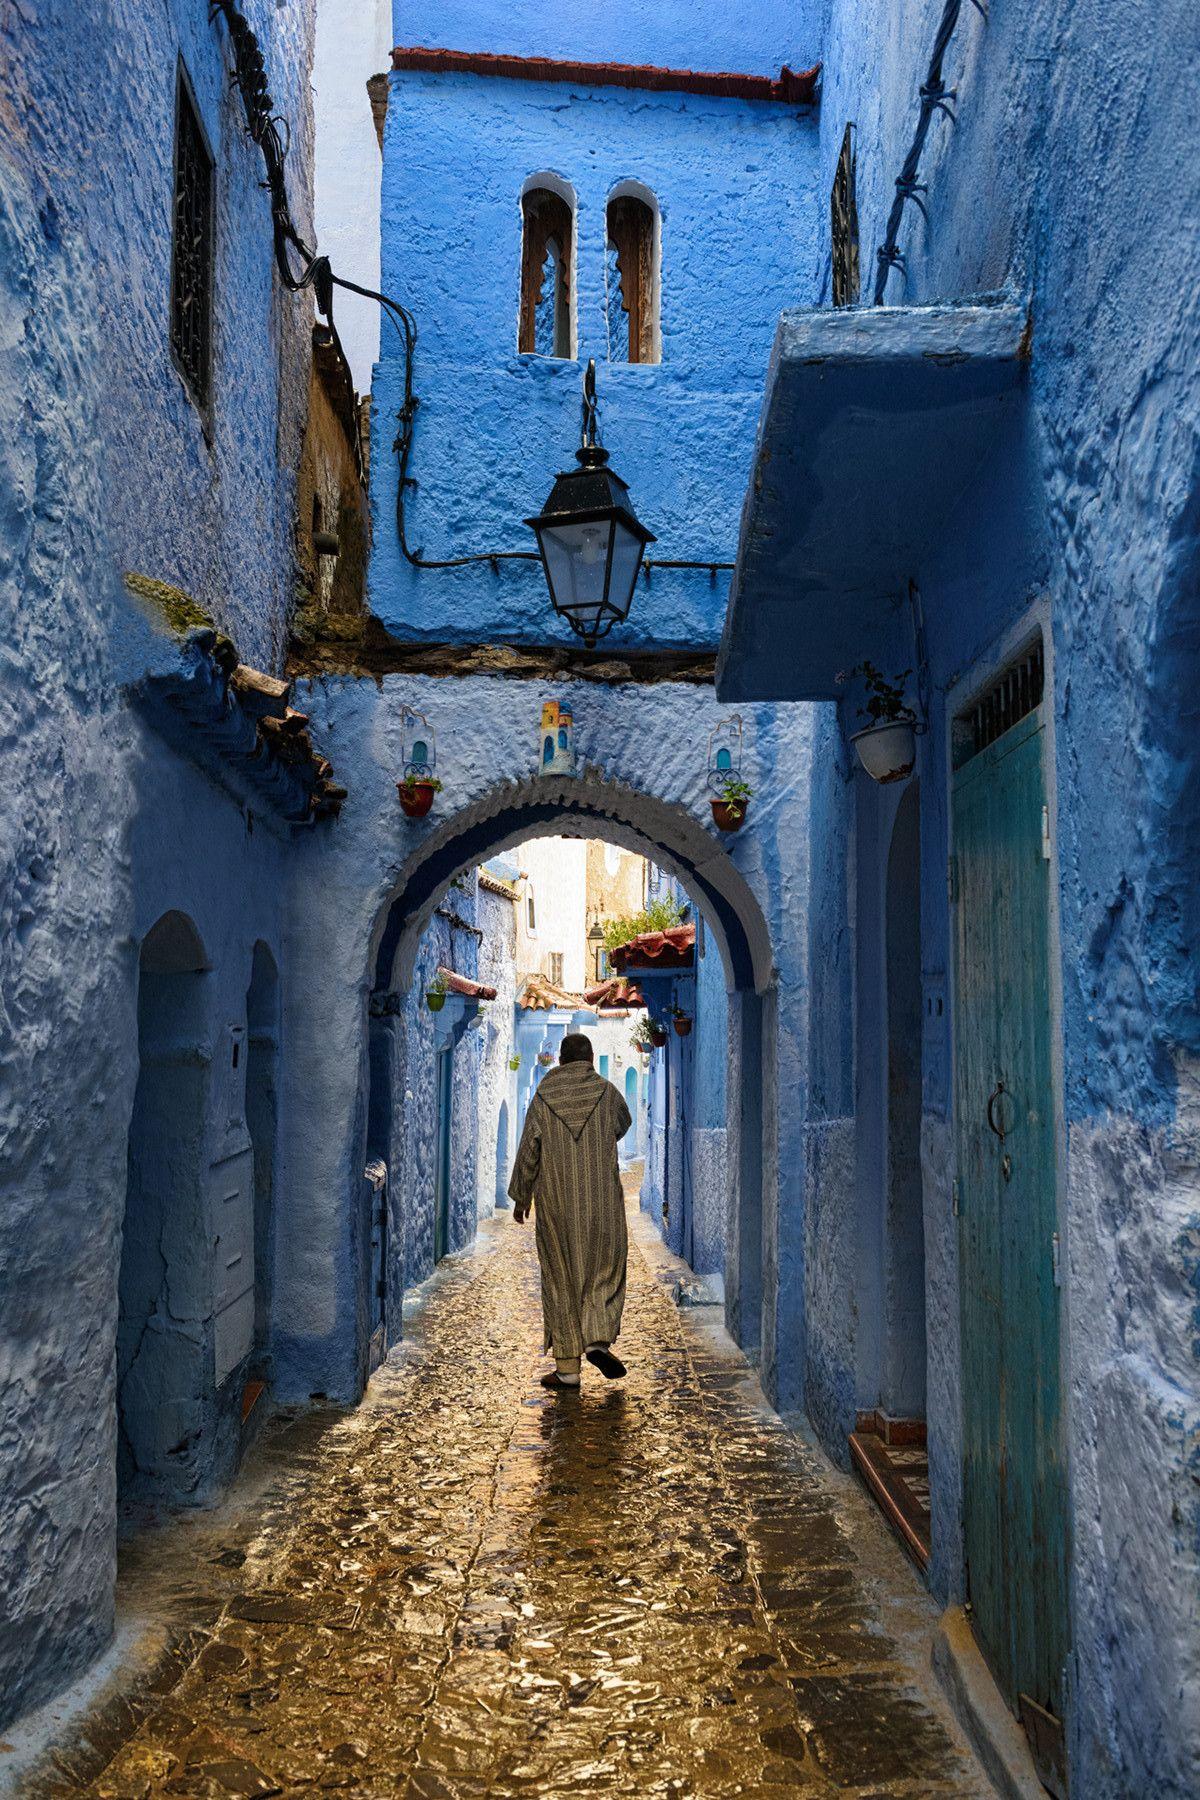 Ragazza marocchina dating